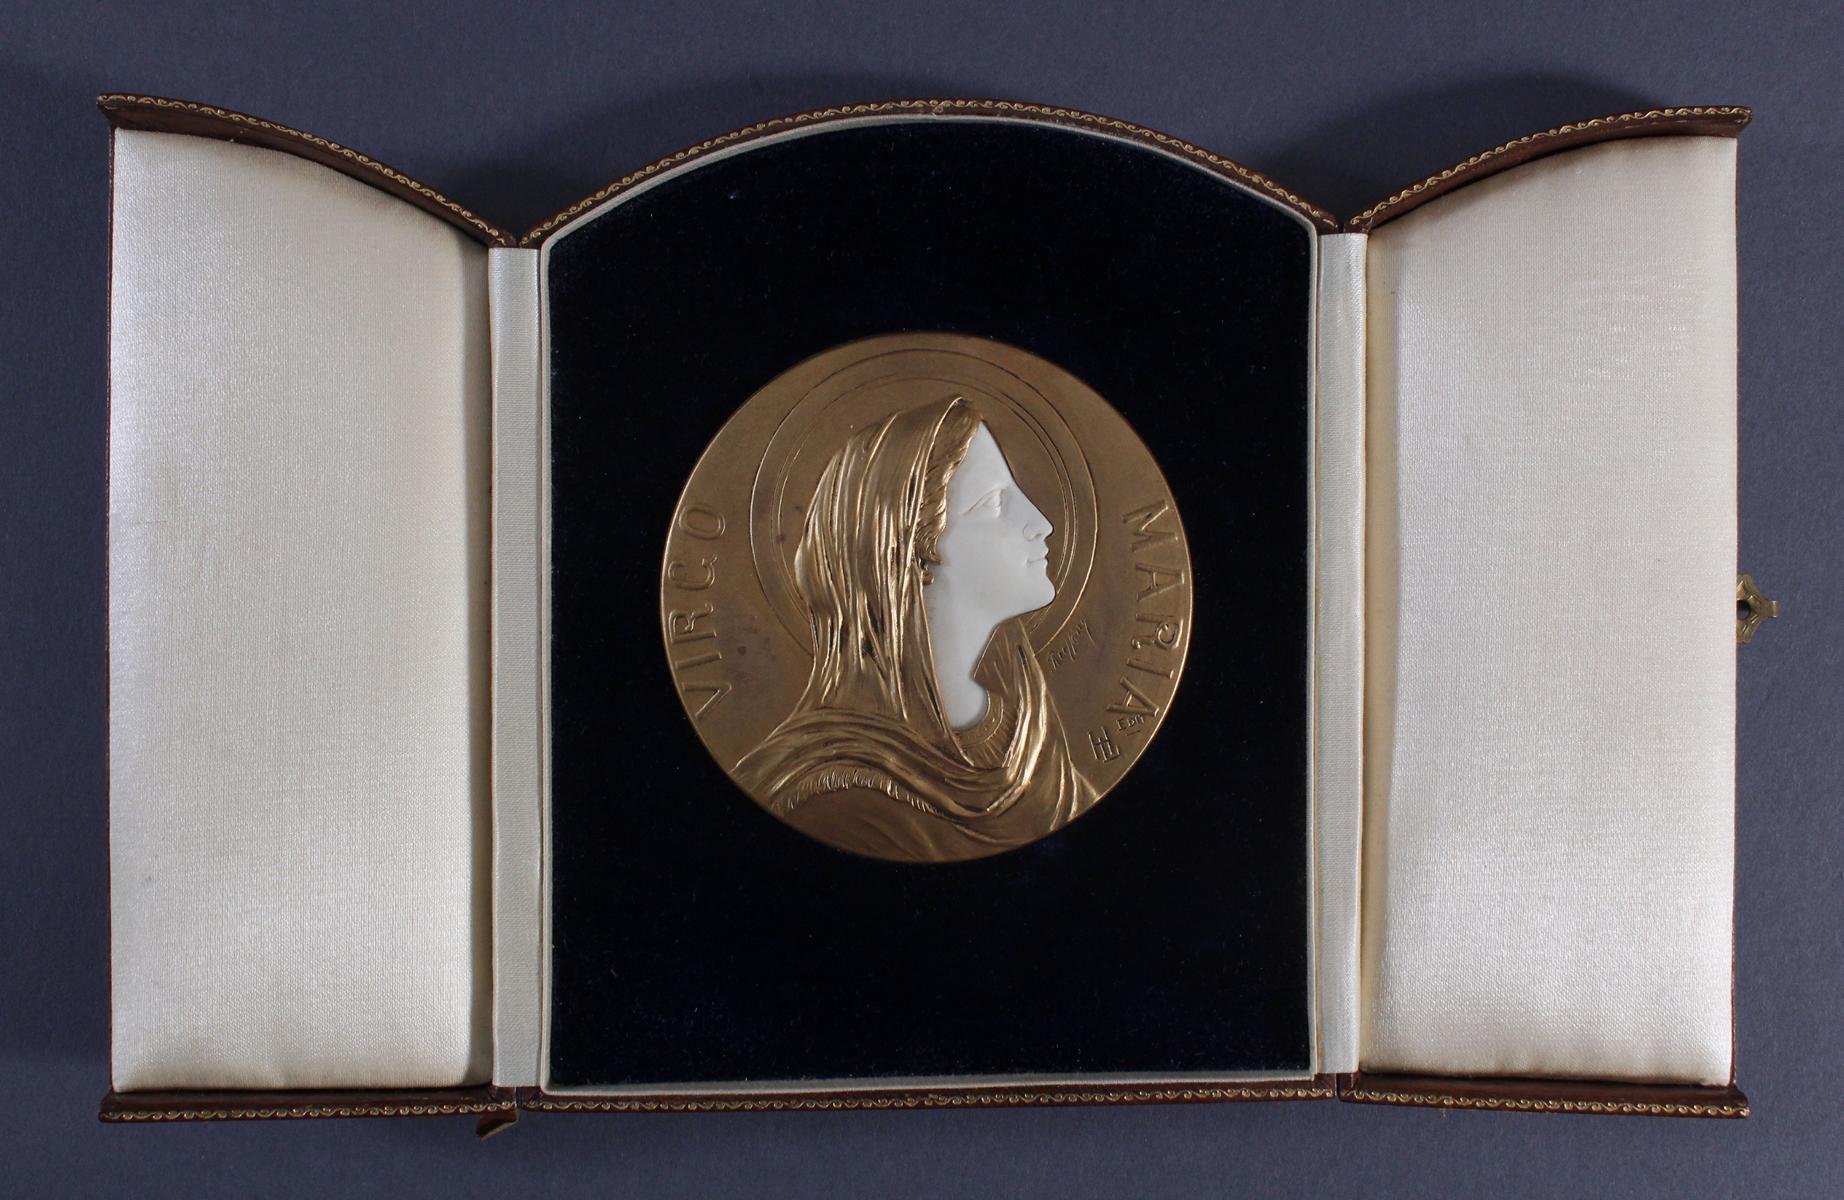 Bronzemedaille im Etui, Frankreich um 1900, signiert Ruffony, Virgo Maria